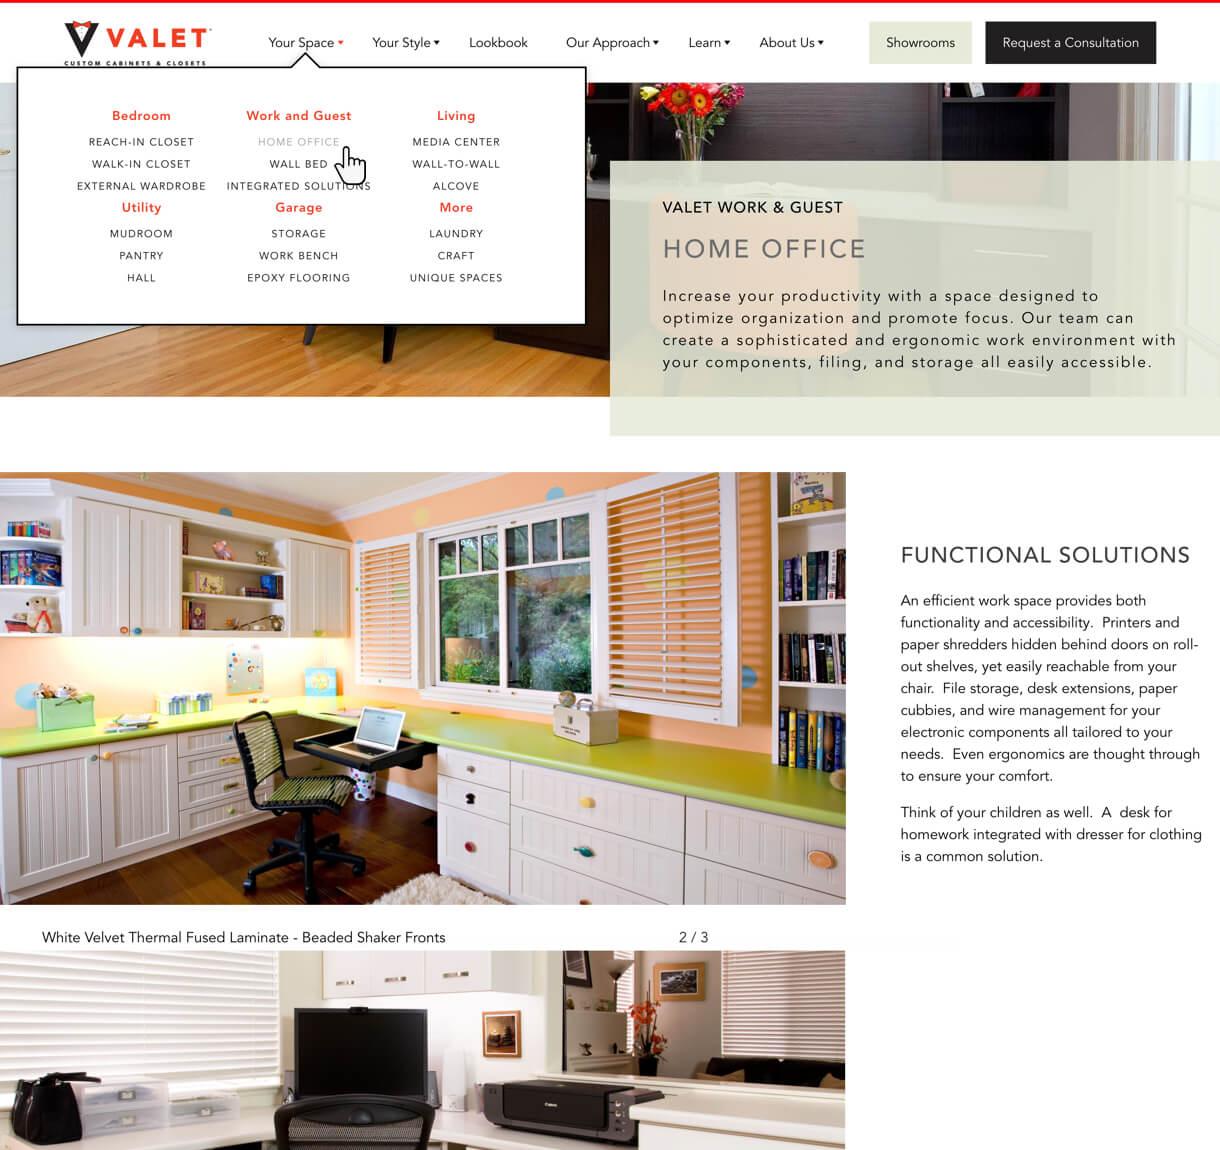 4-ValetCustom-desktop-overlap-slide1